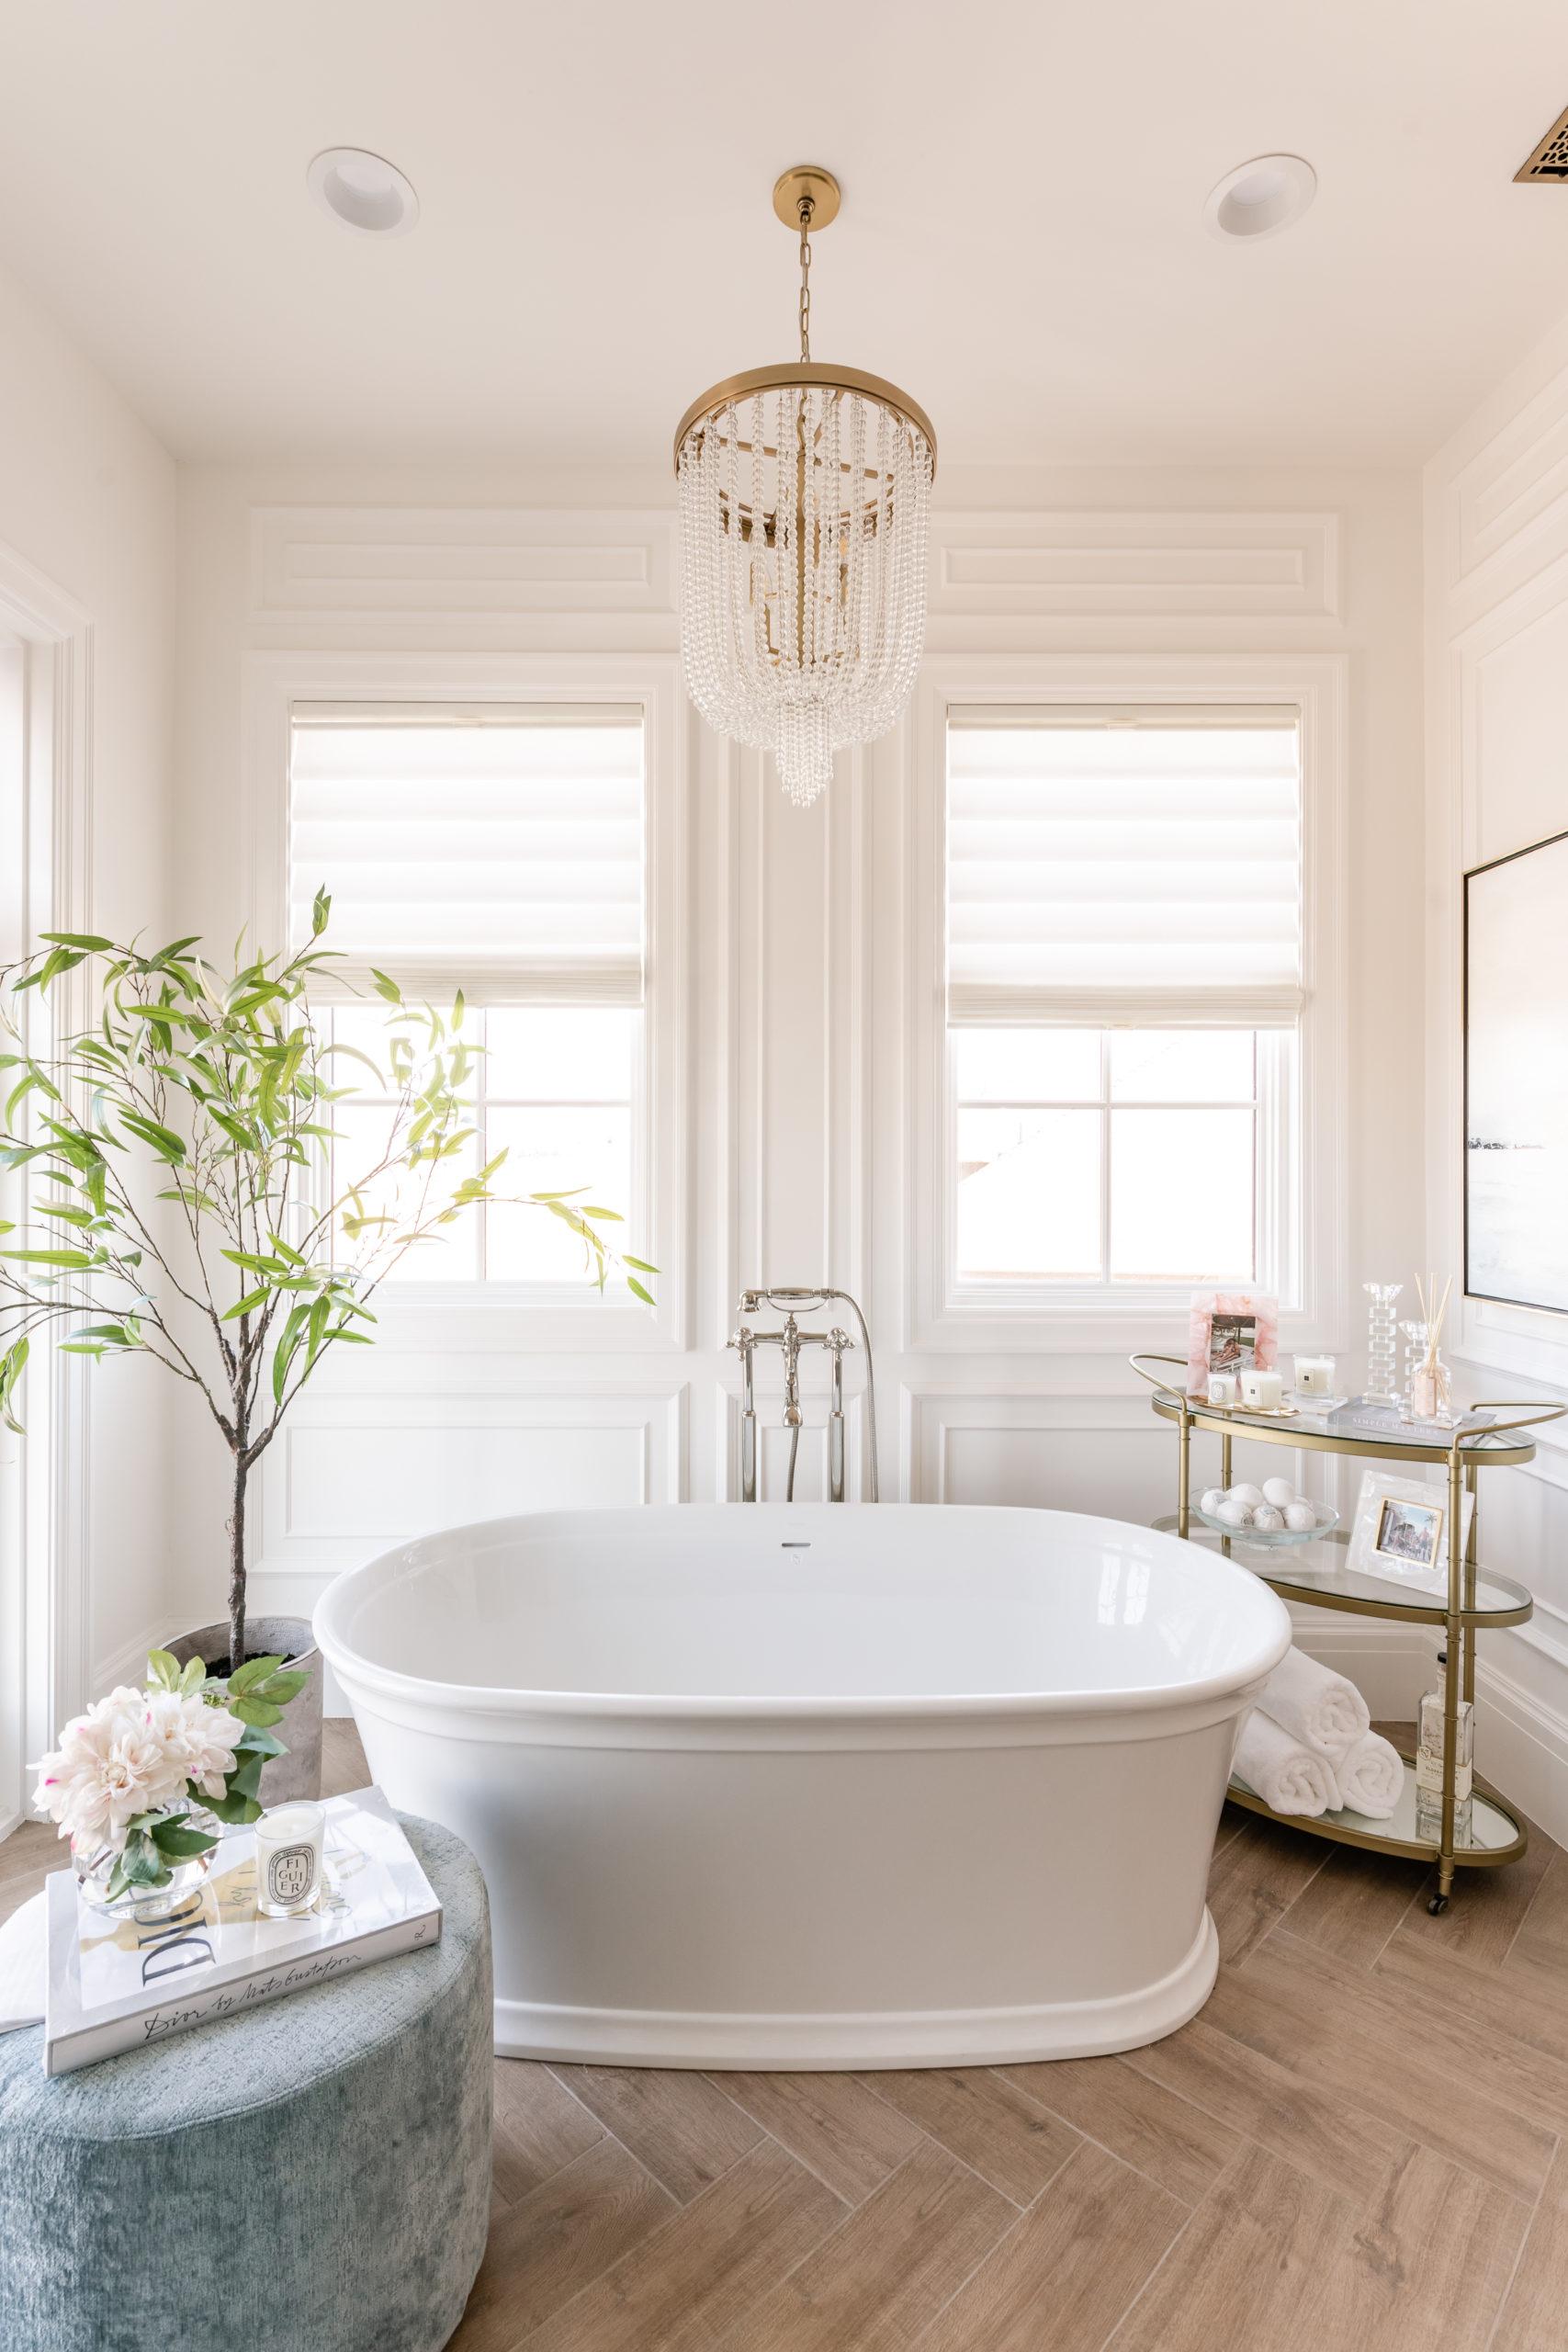 visgraat vloer luxe badkamer